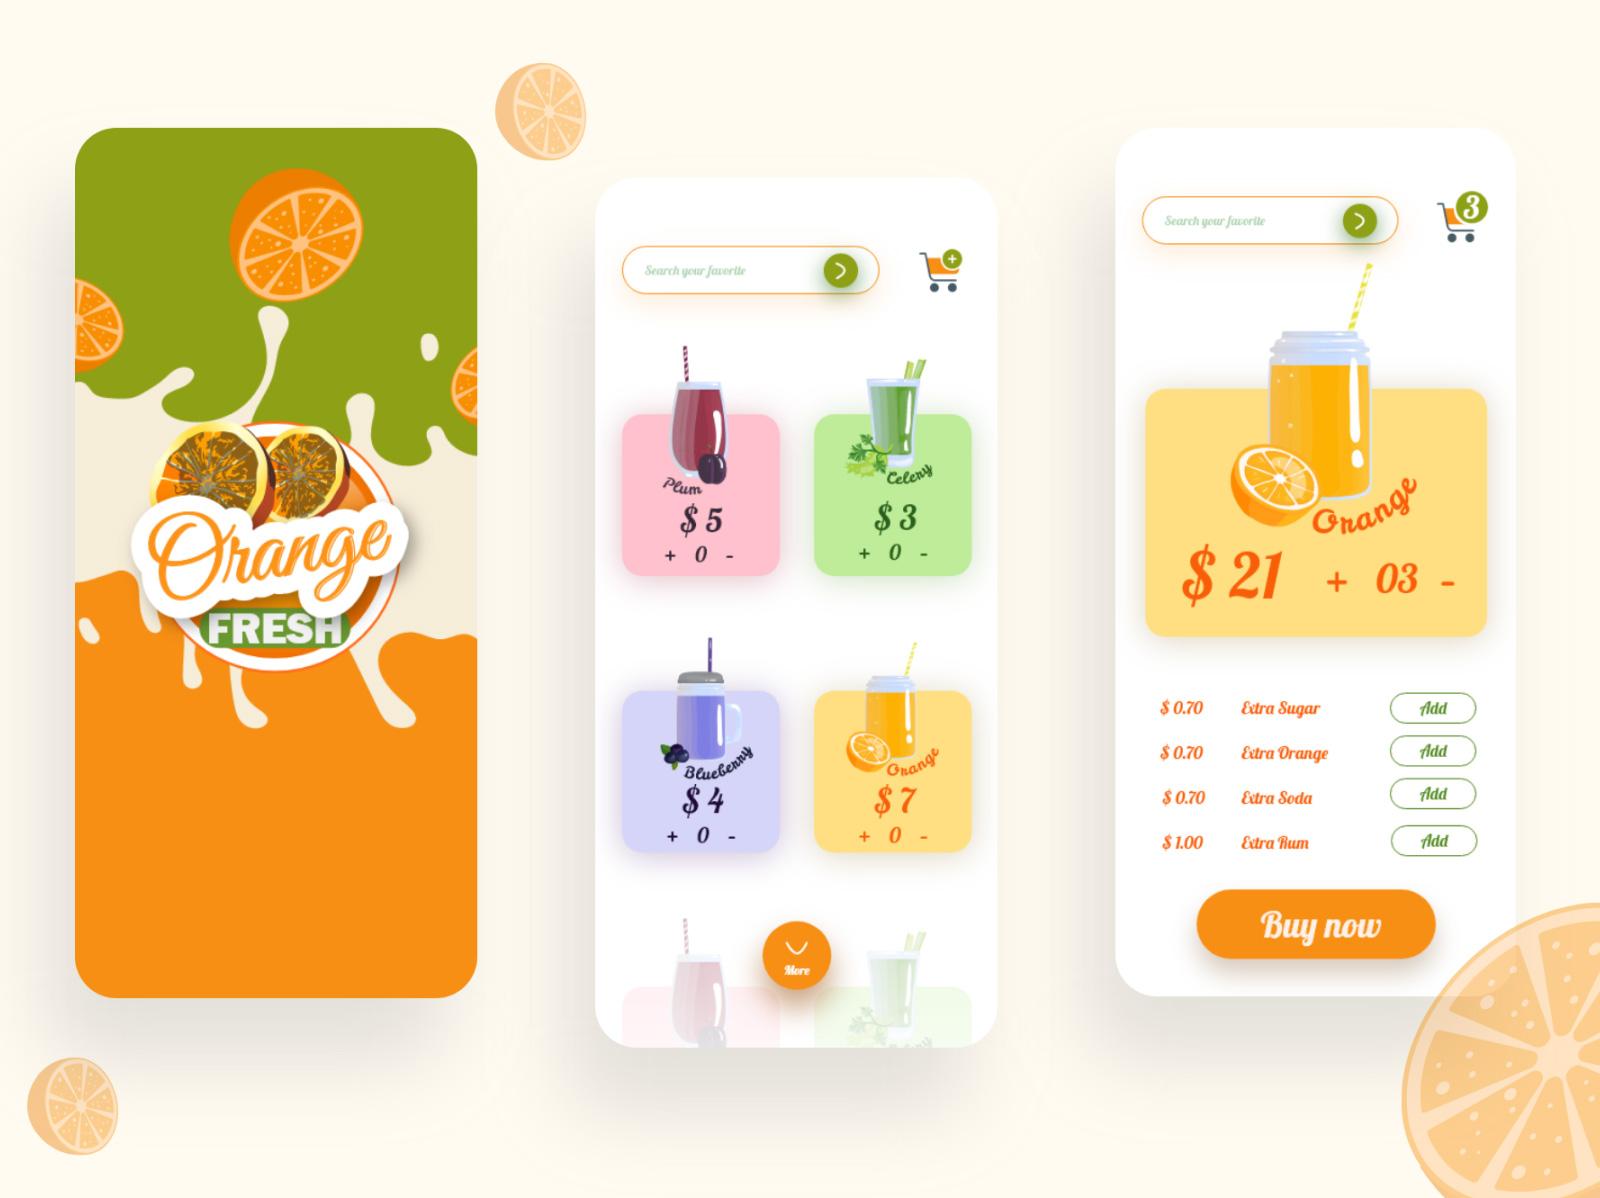 果汁商店应用程序界面设计模板插图